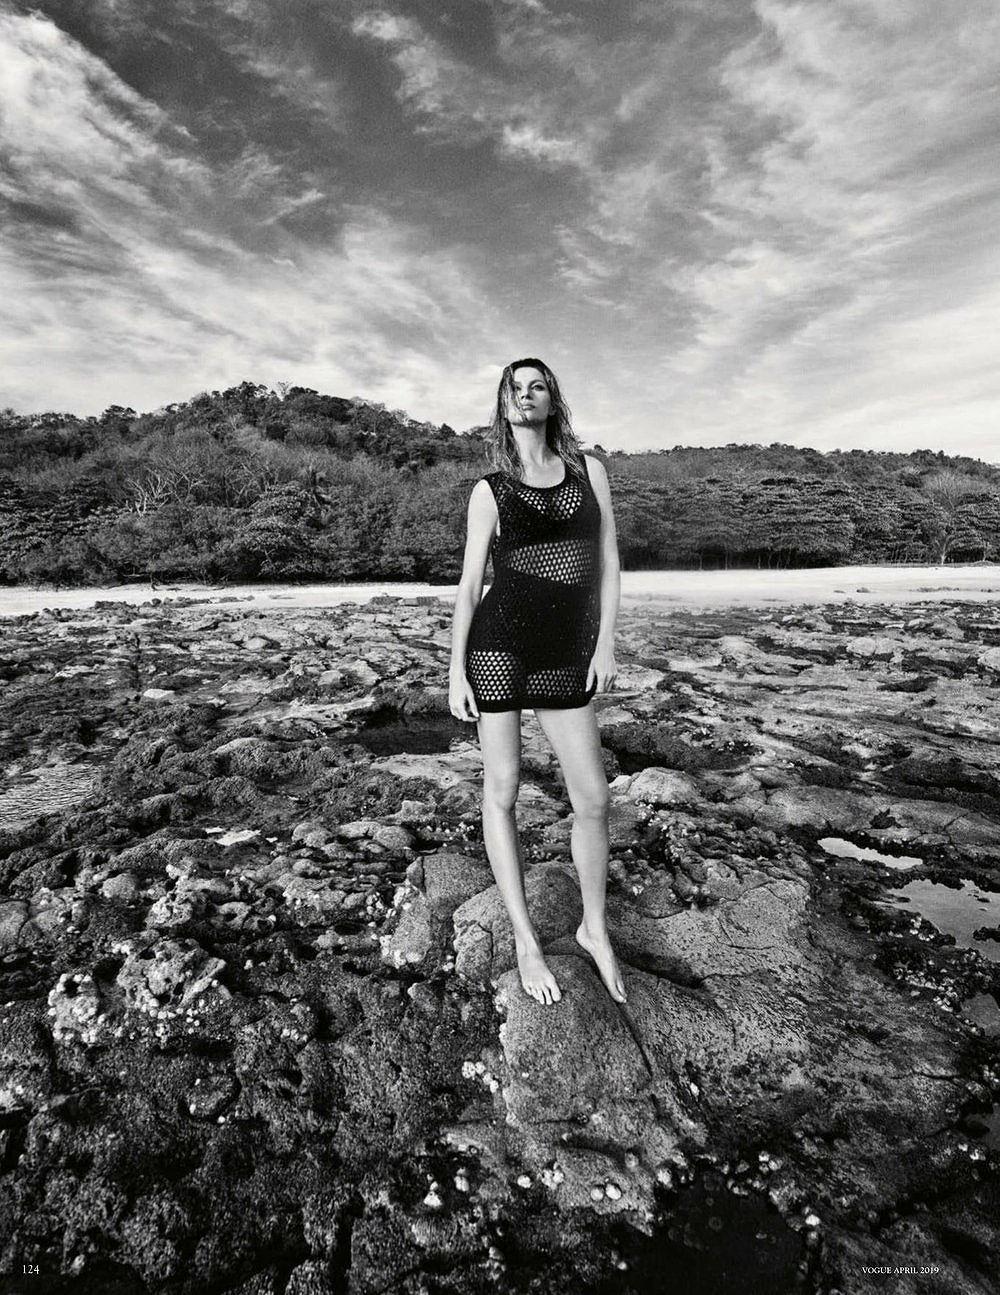 Siêu mẫu Gisele Bundchen hóa nữ thần biển cả táo bạo gợi cảm Ảnh 6